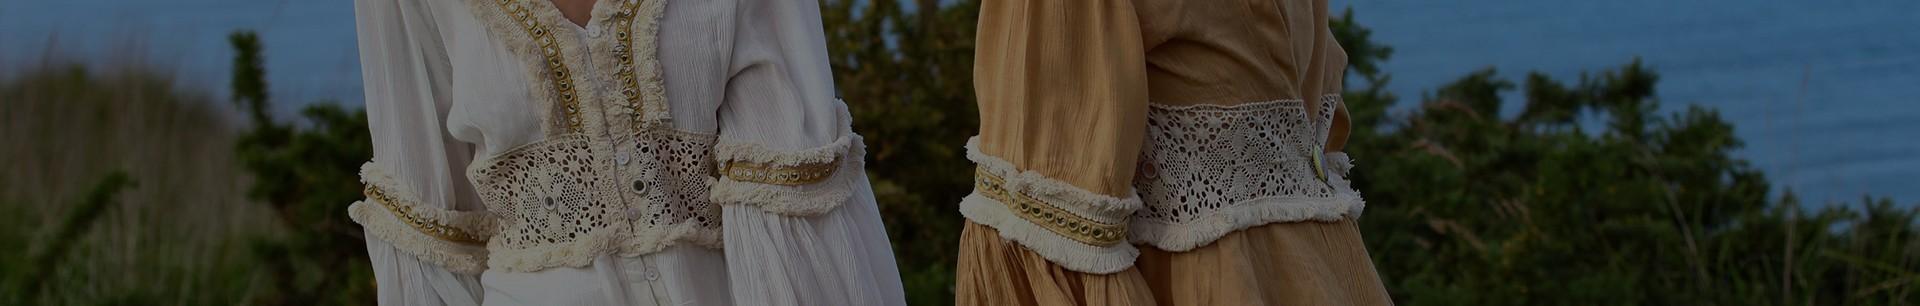 Vestidos bohemios de diseño exclusivo | Lakshmi Soul